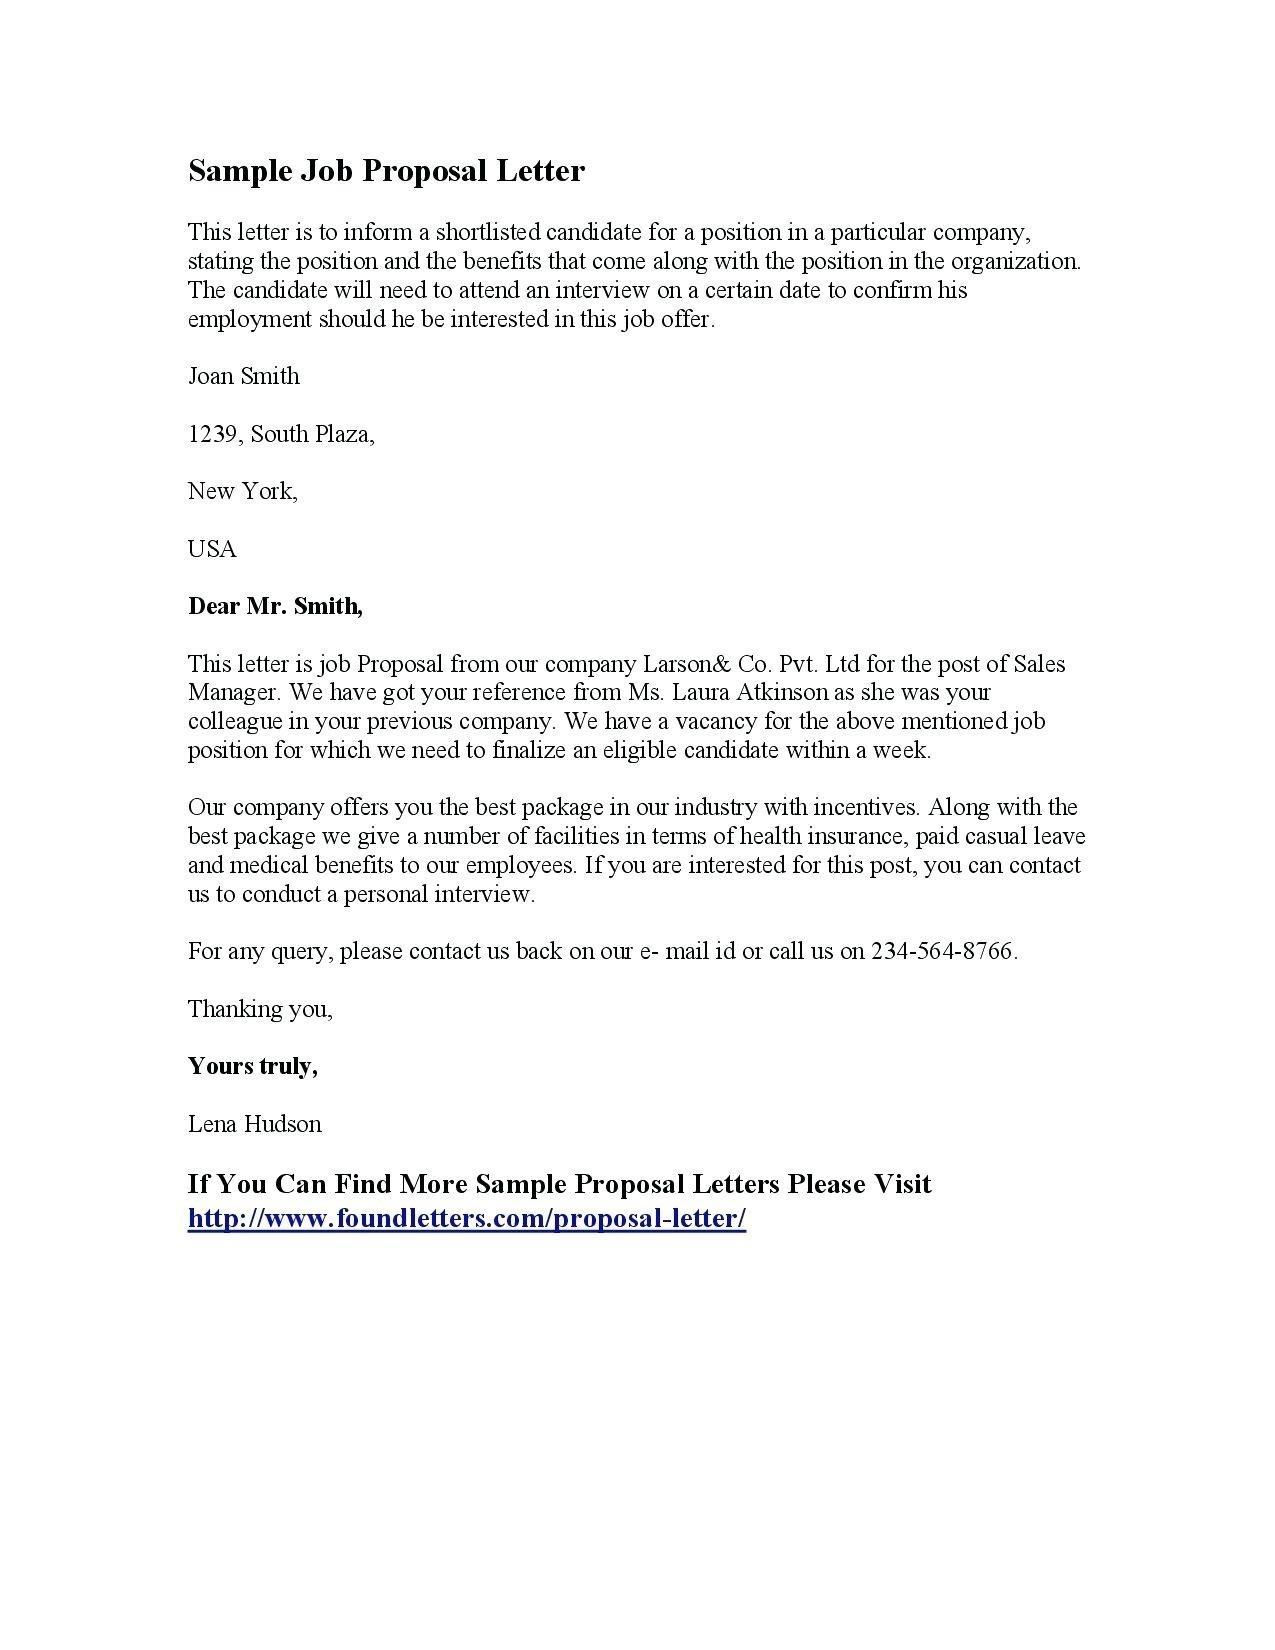 Opt Job Offer Letter Template - Job Fer Counter Letter Best Sample Salary Negotiation Letter for